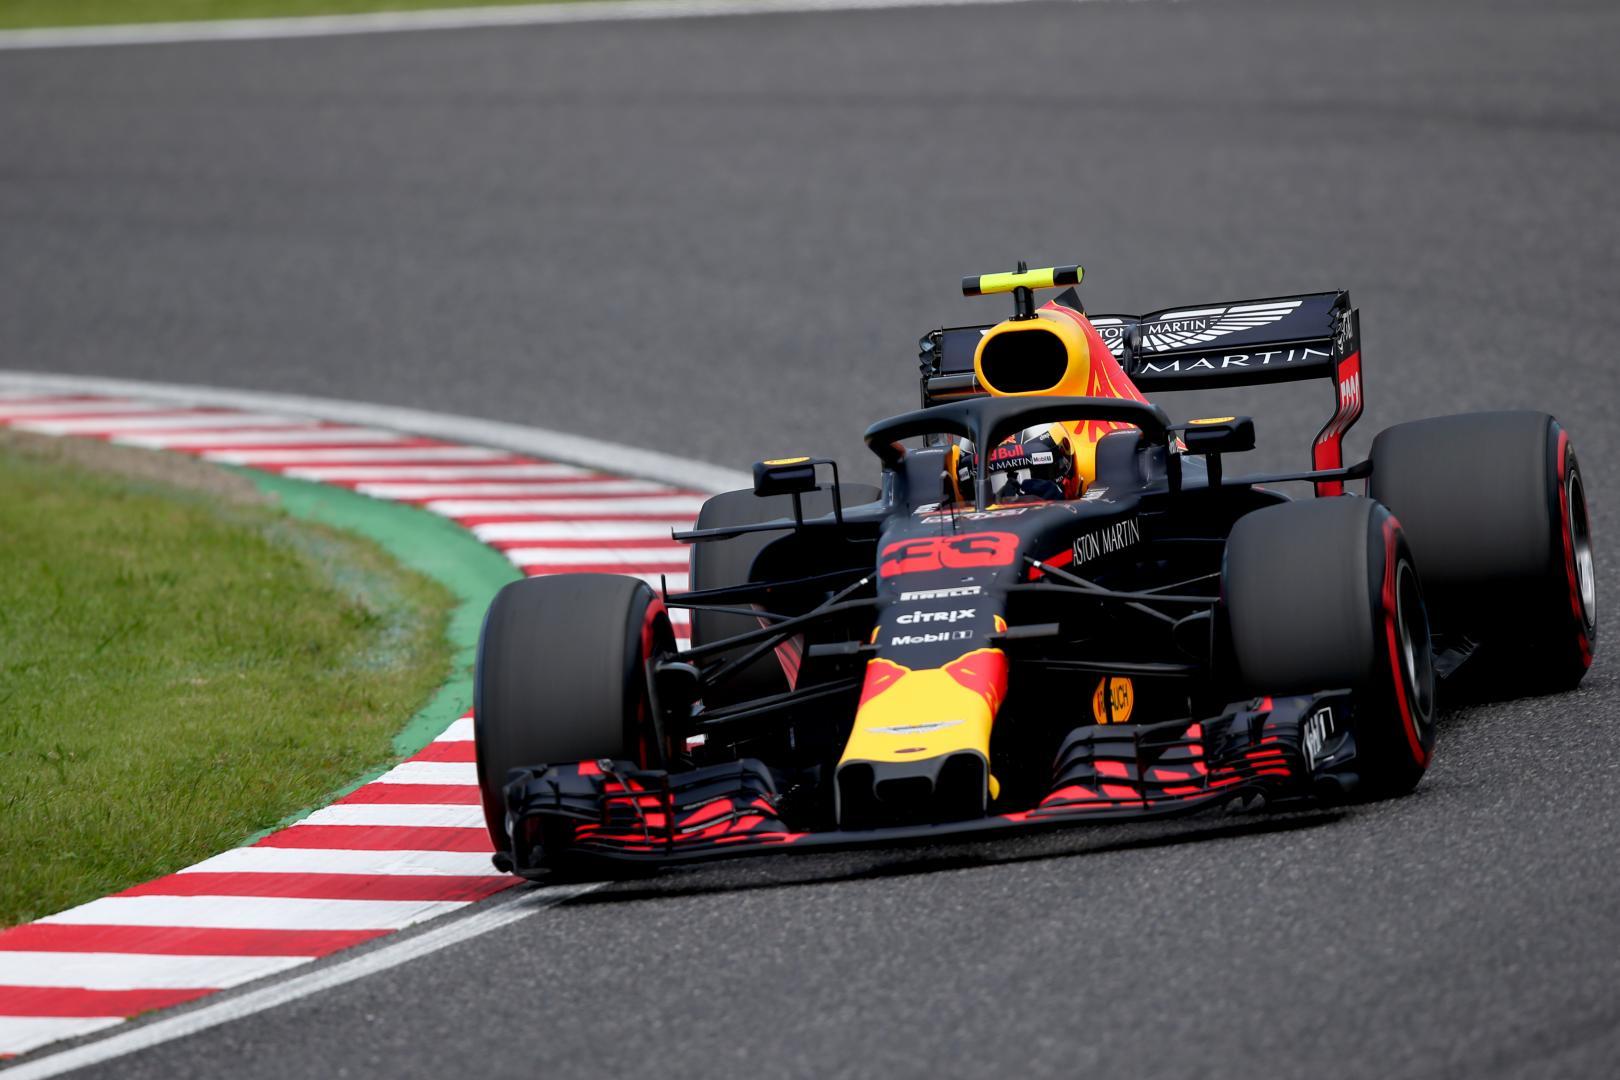 Uitslag van de GP van Japan 2018